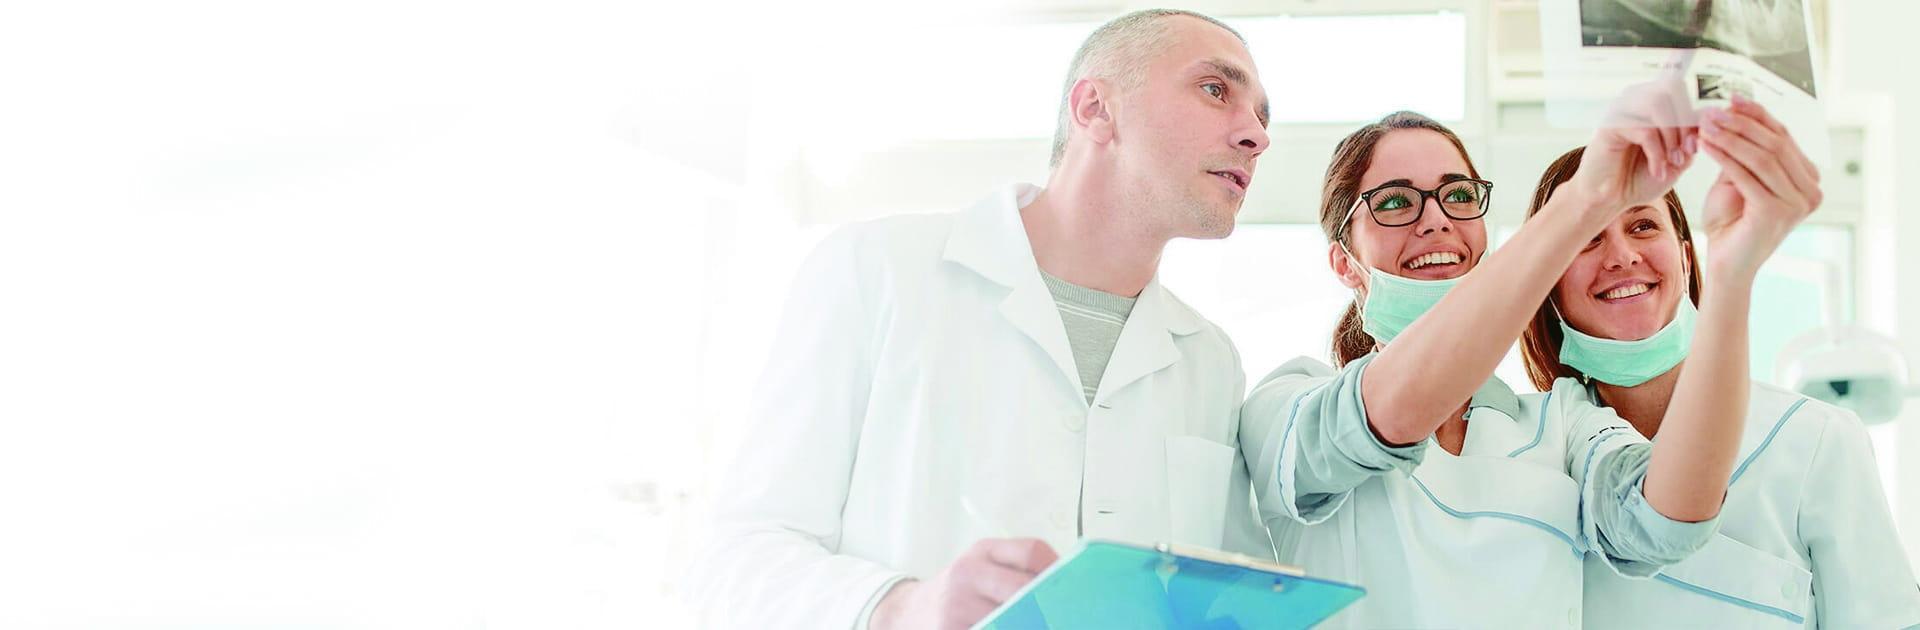 травматология ортопедия